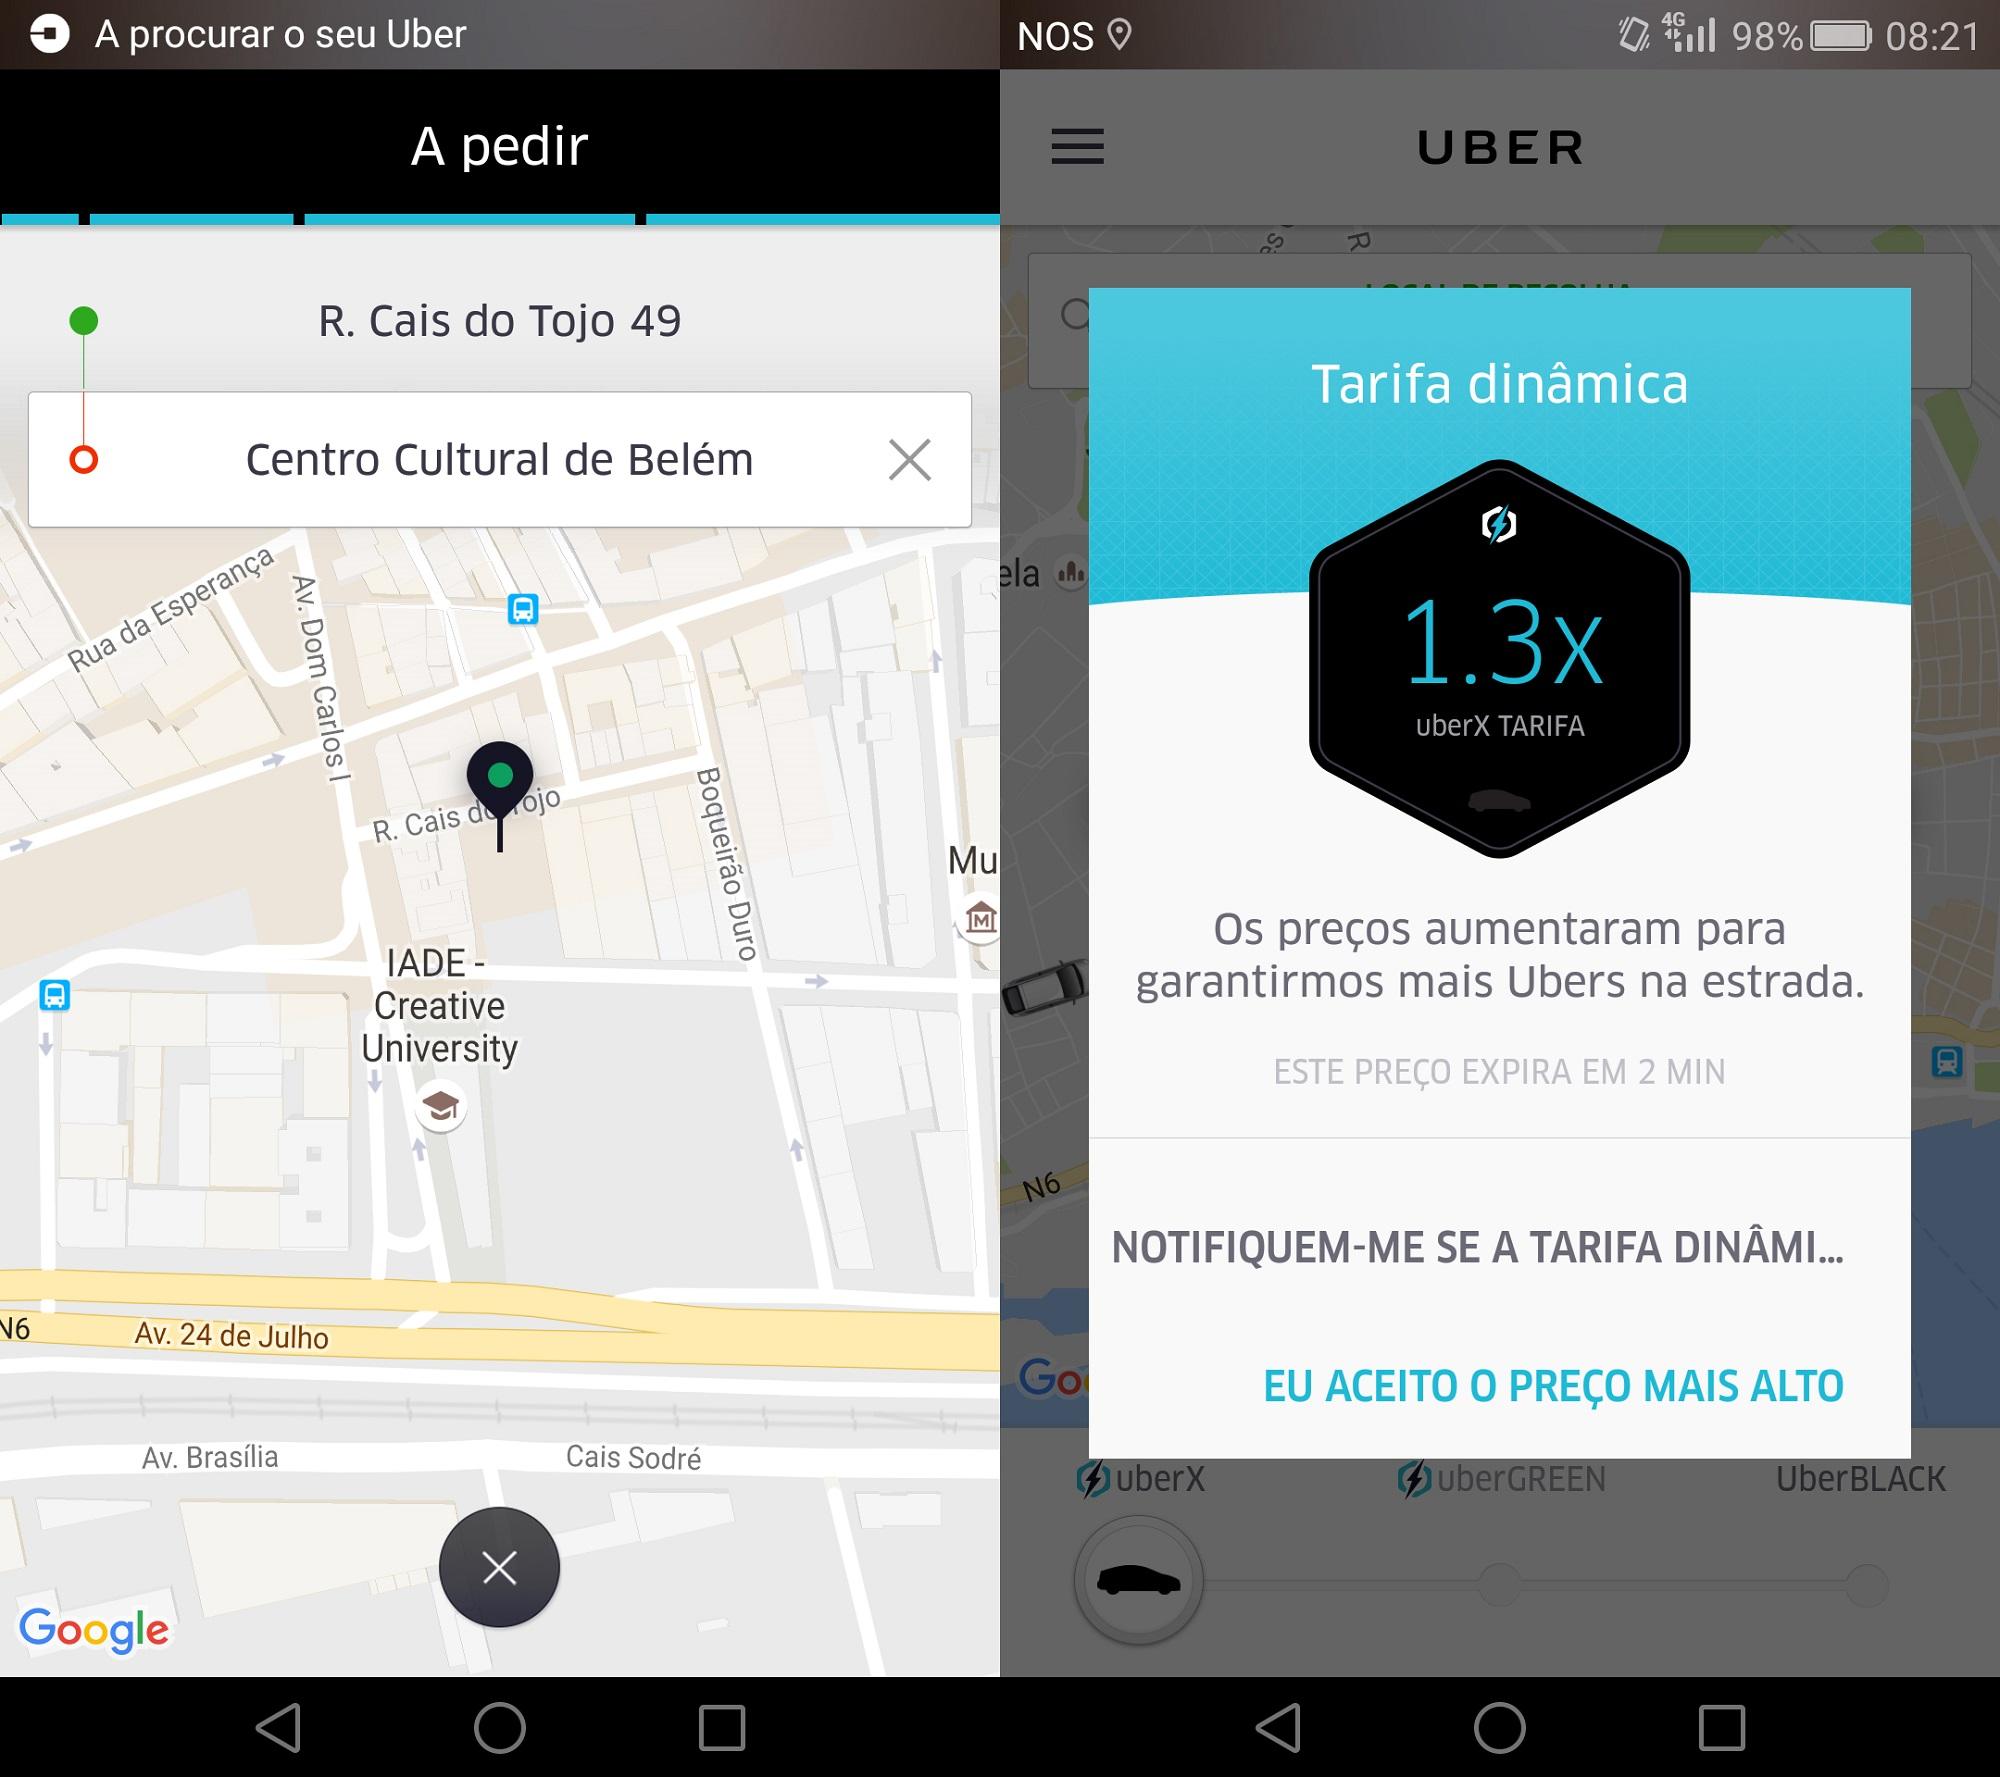 O momento em que chamei o Uber e aceitei as tarifas dinâmicas